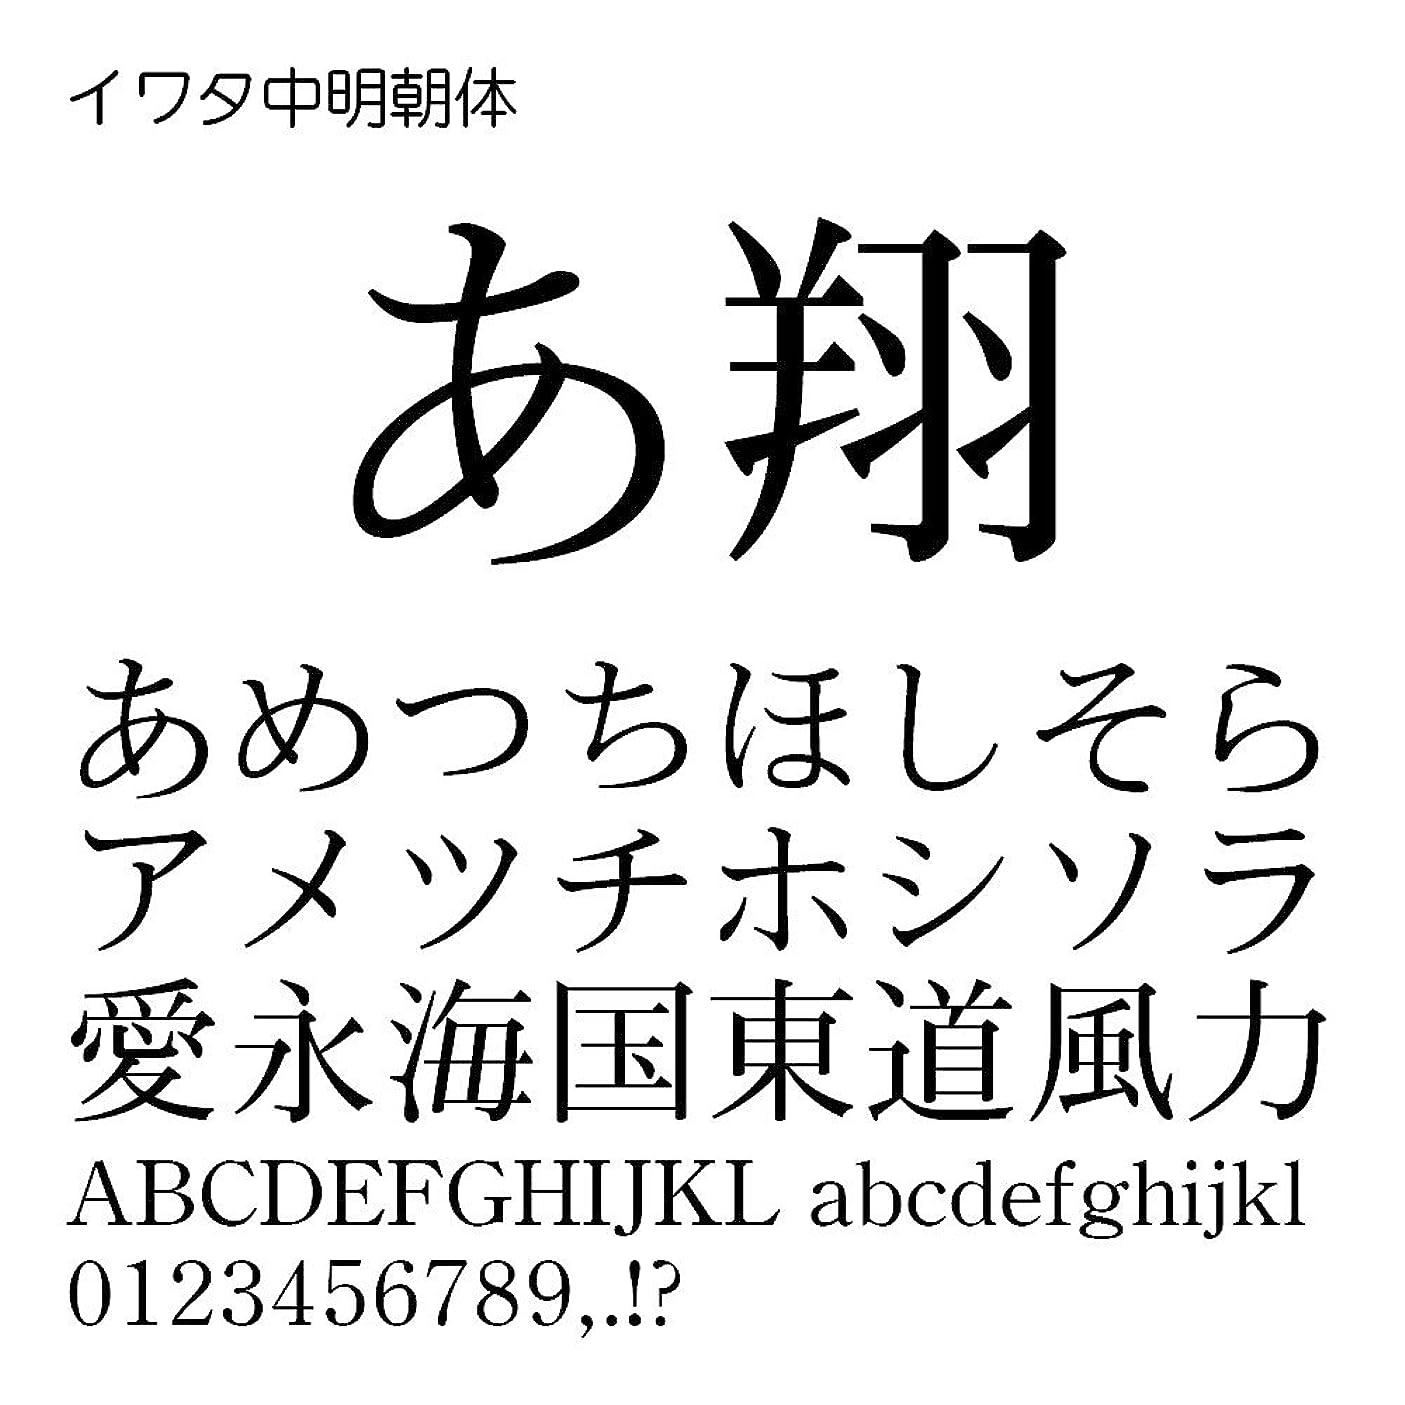 きらめきもつれ主張するイワタ中明朝体 TrueType Font for Windows [ダウンロード]